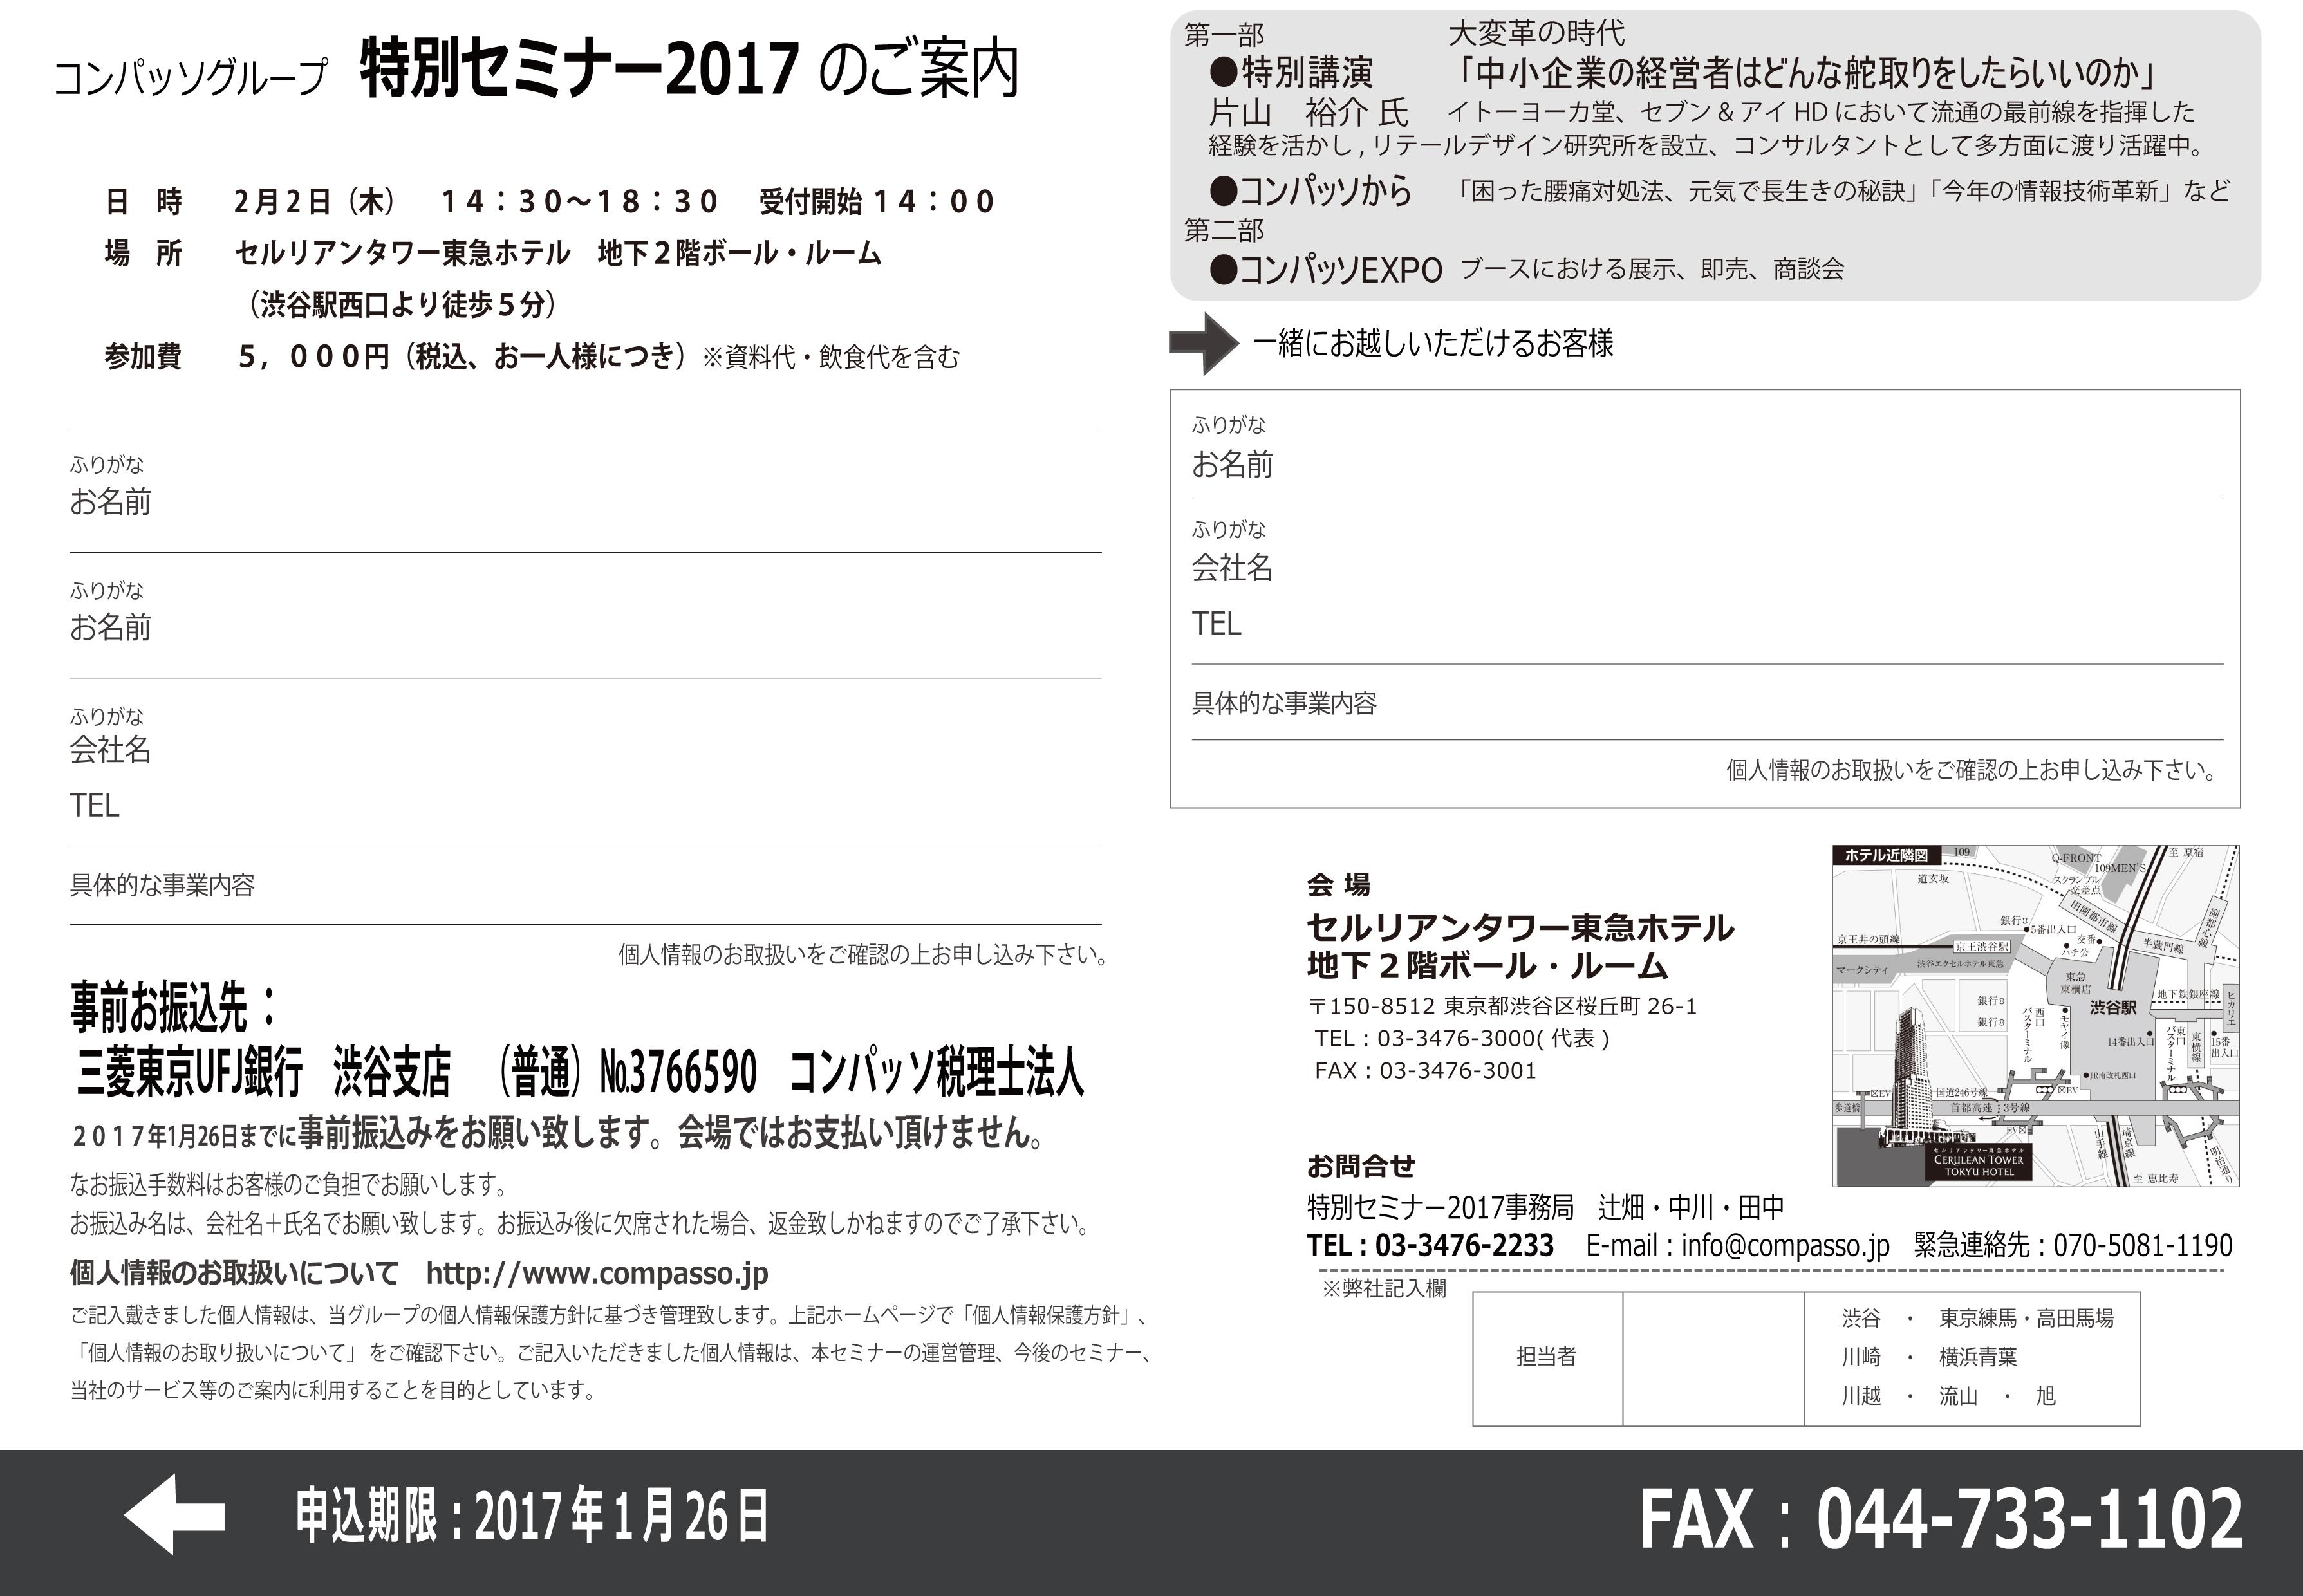 特別セミナー2017申込書